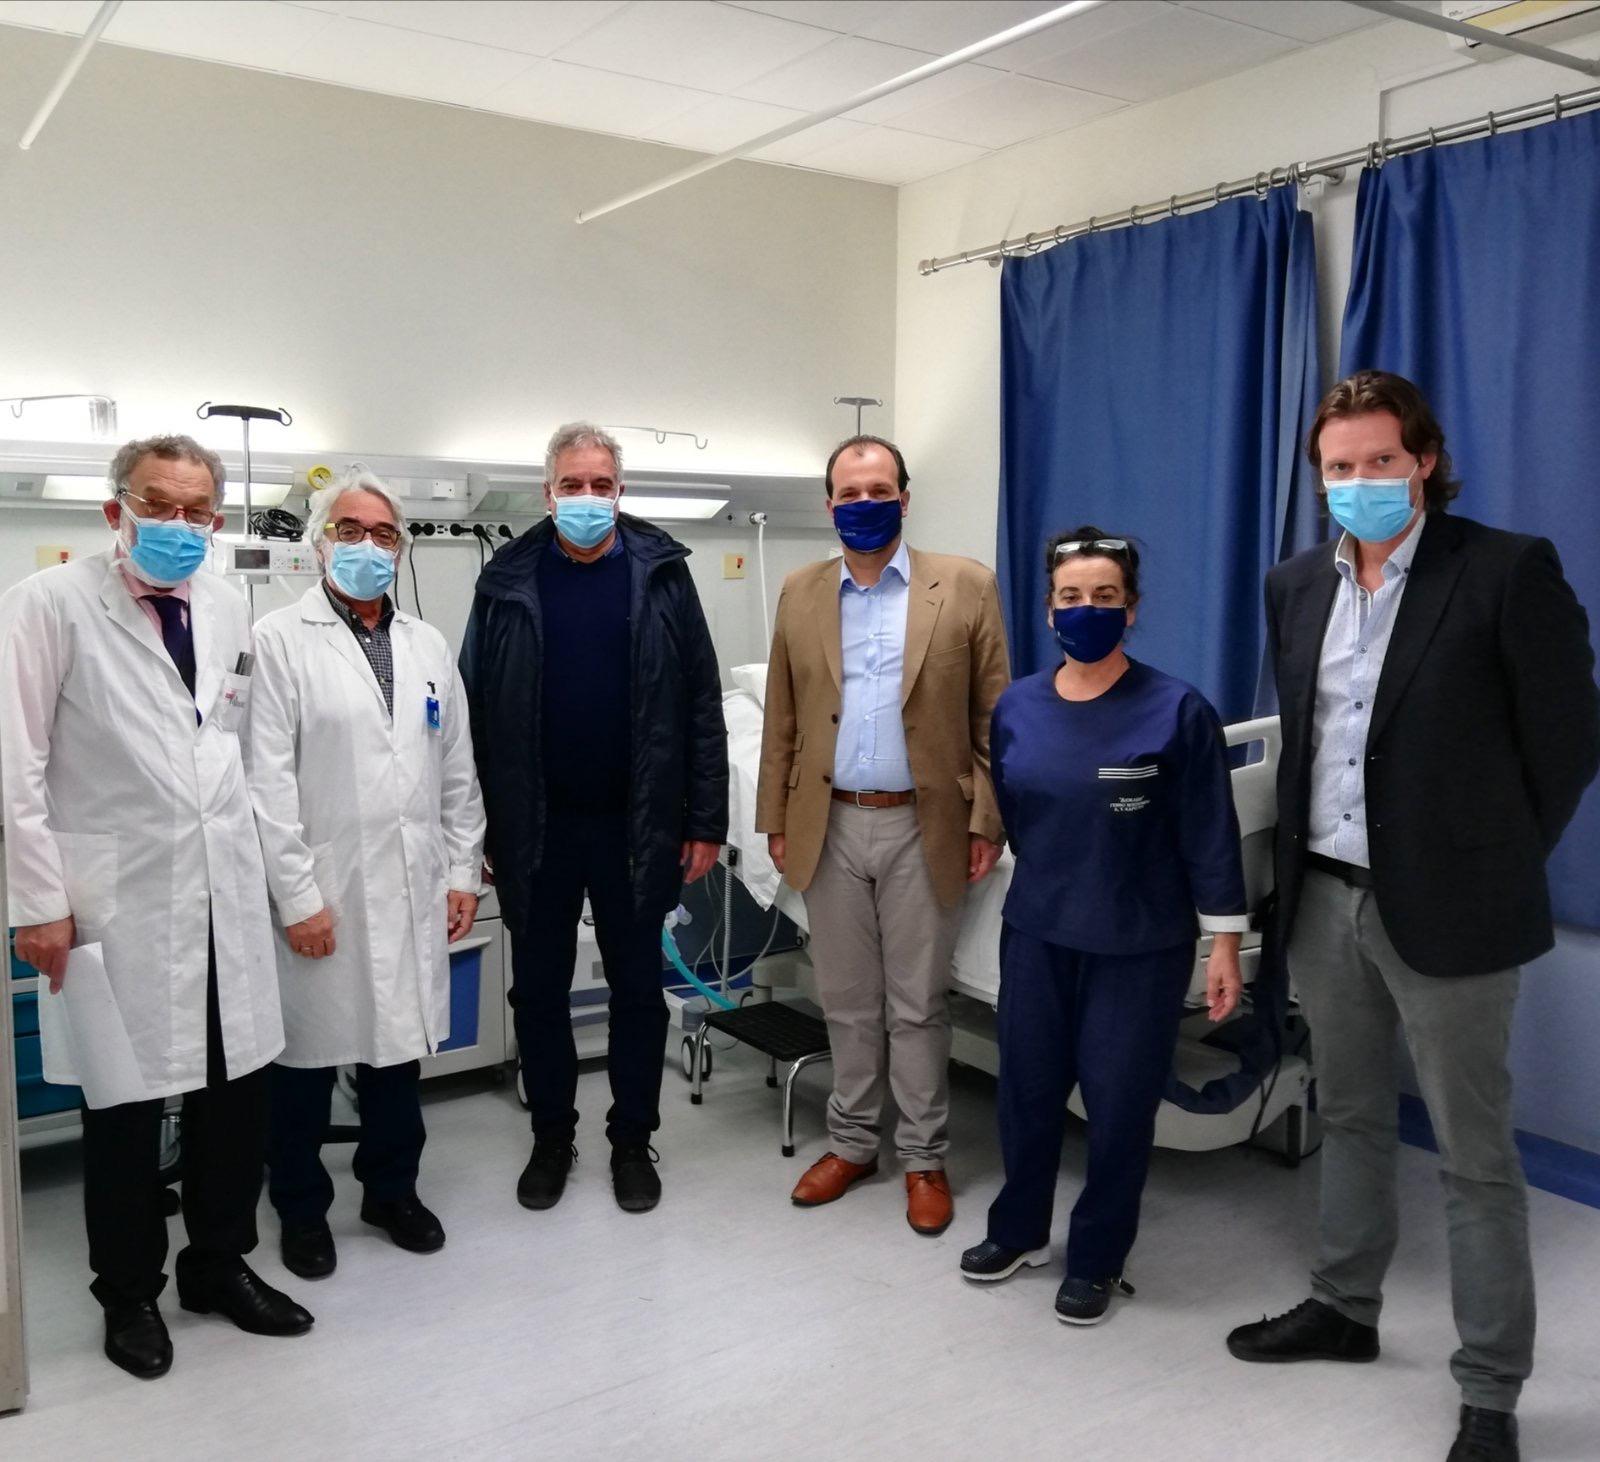 Επίσκεψη του Διοικητή της 5ης   Υγειονομικής Περιφέρειας στο Νοσοκομείο Καρύστου